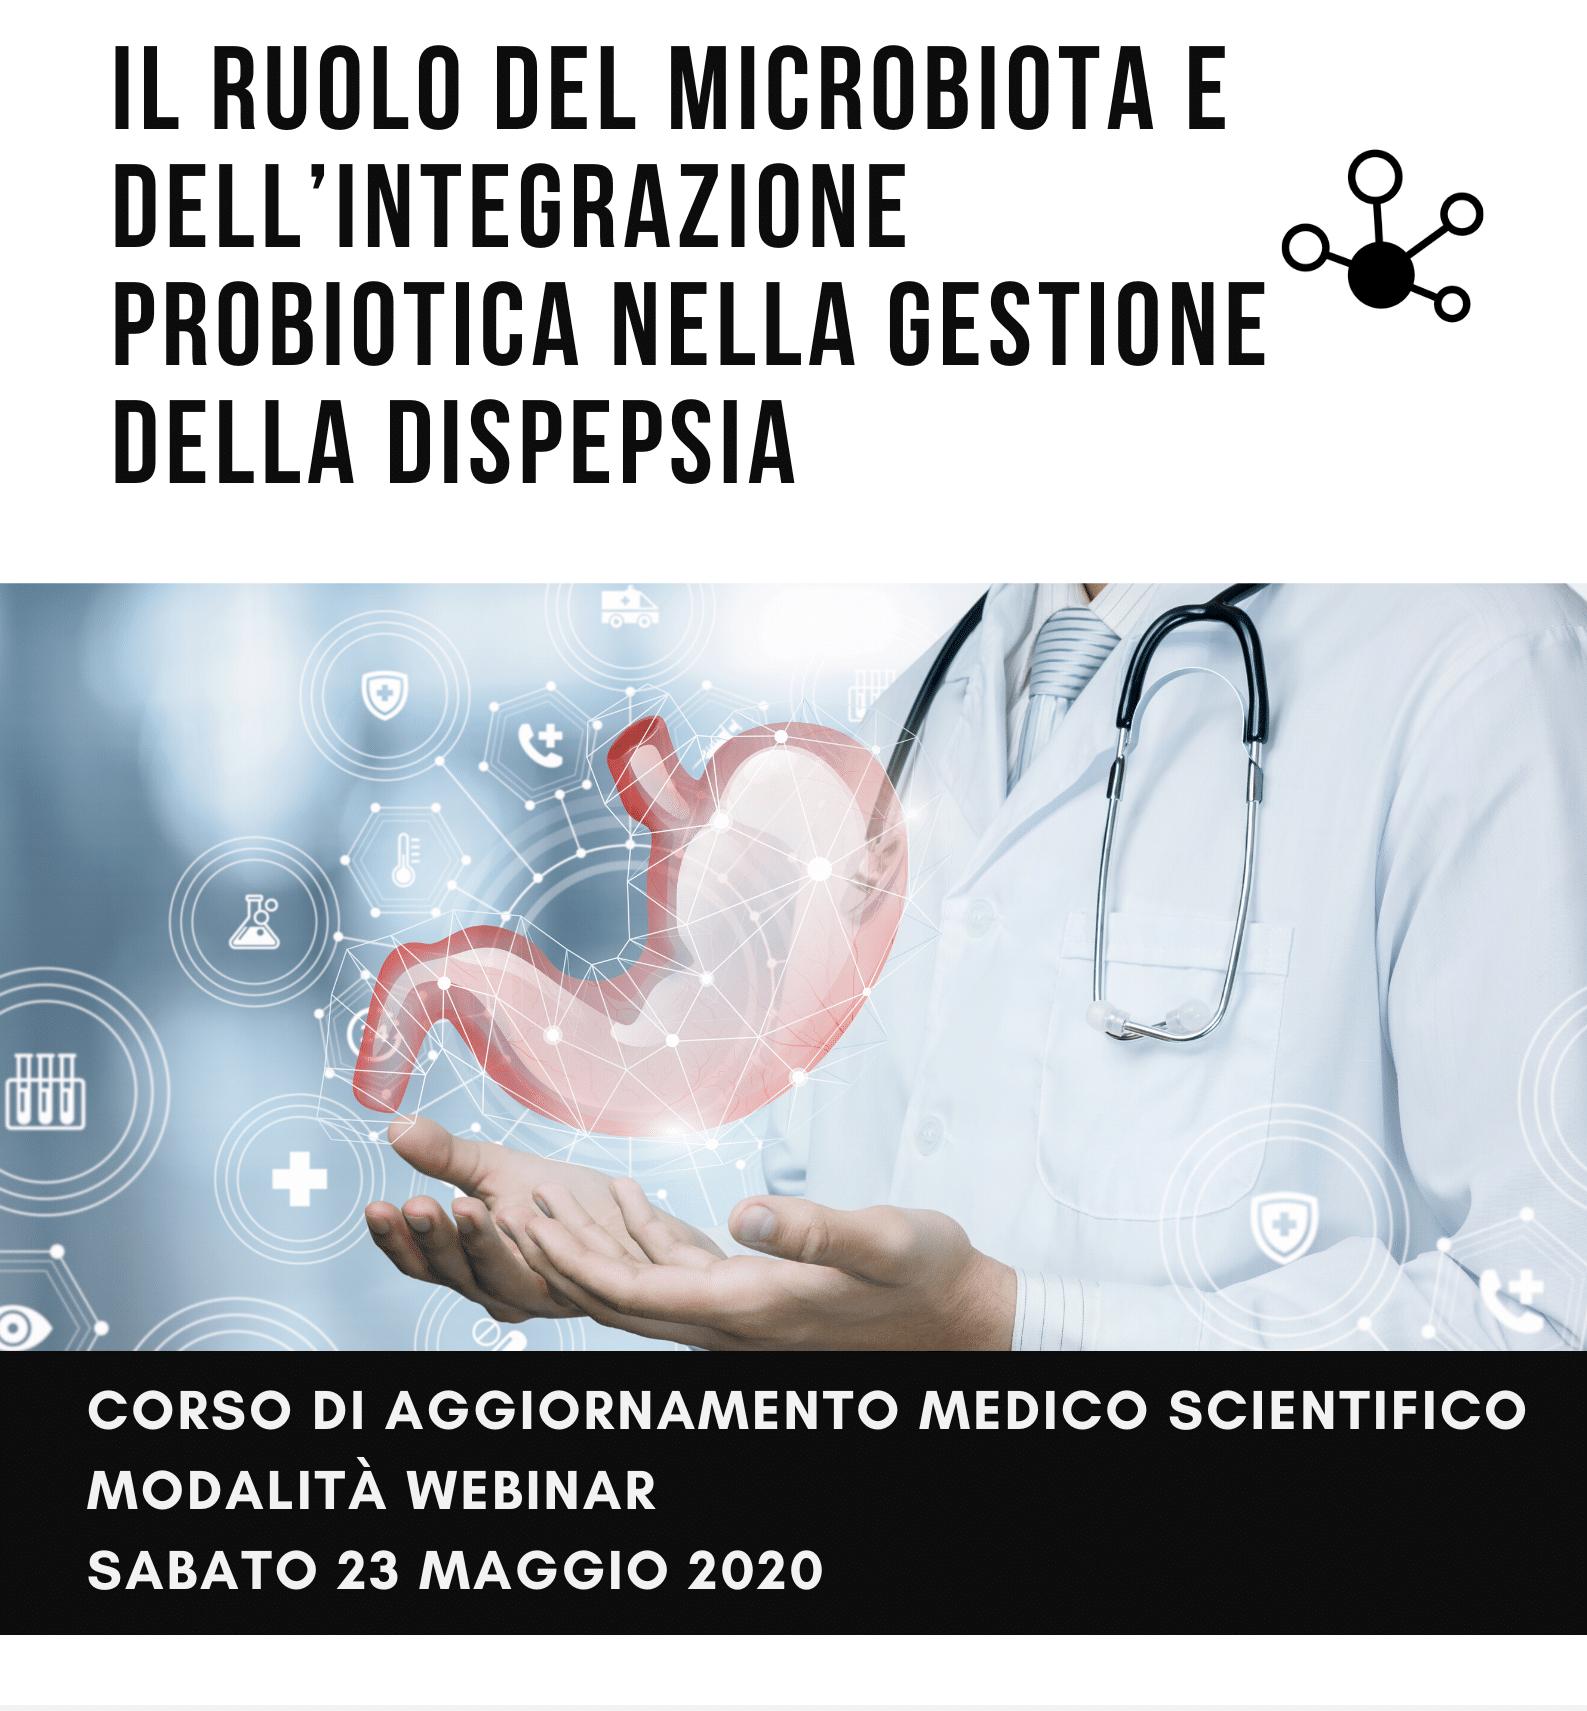 Il ruolo del microbiota e dell'integrazione probiotica nella gestione della dispepsia 2